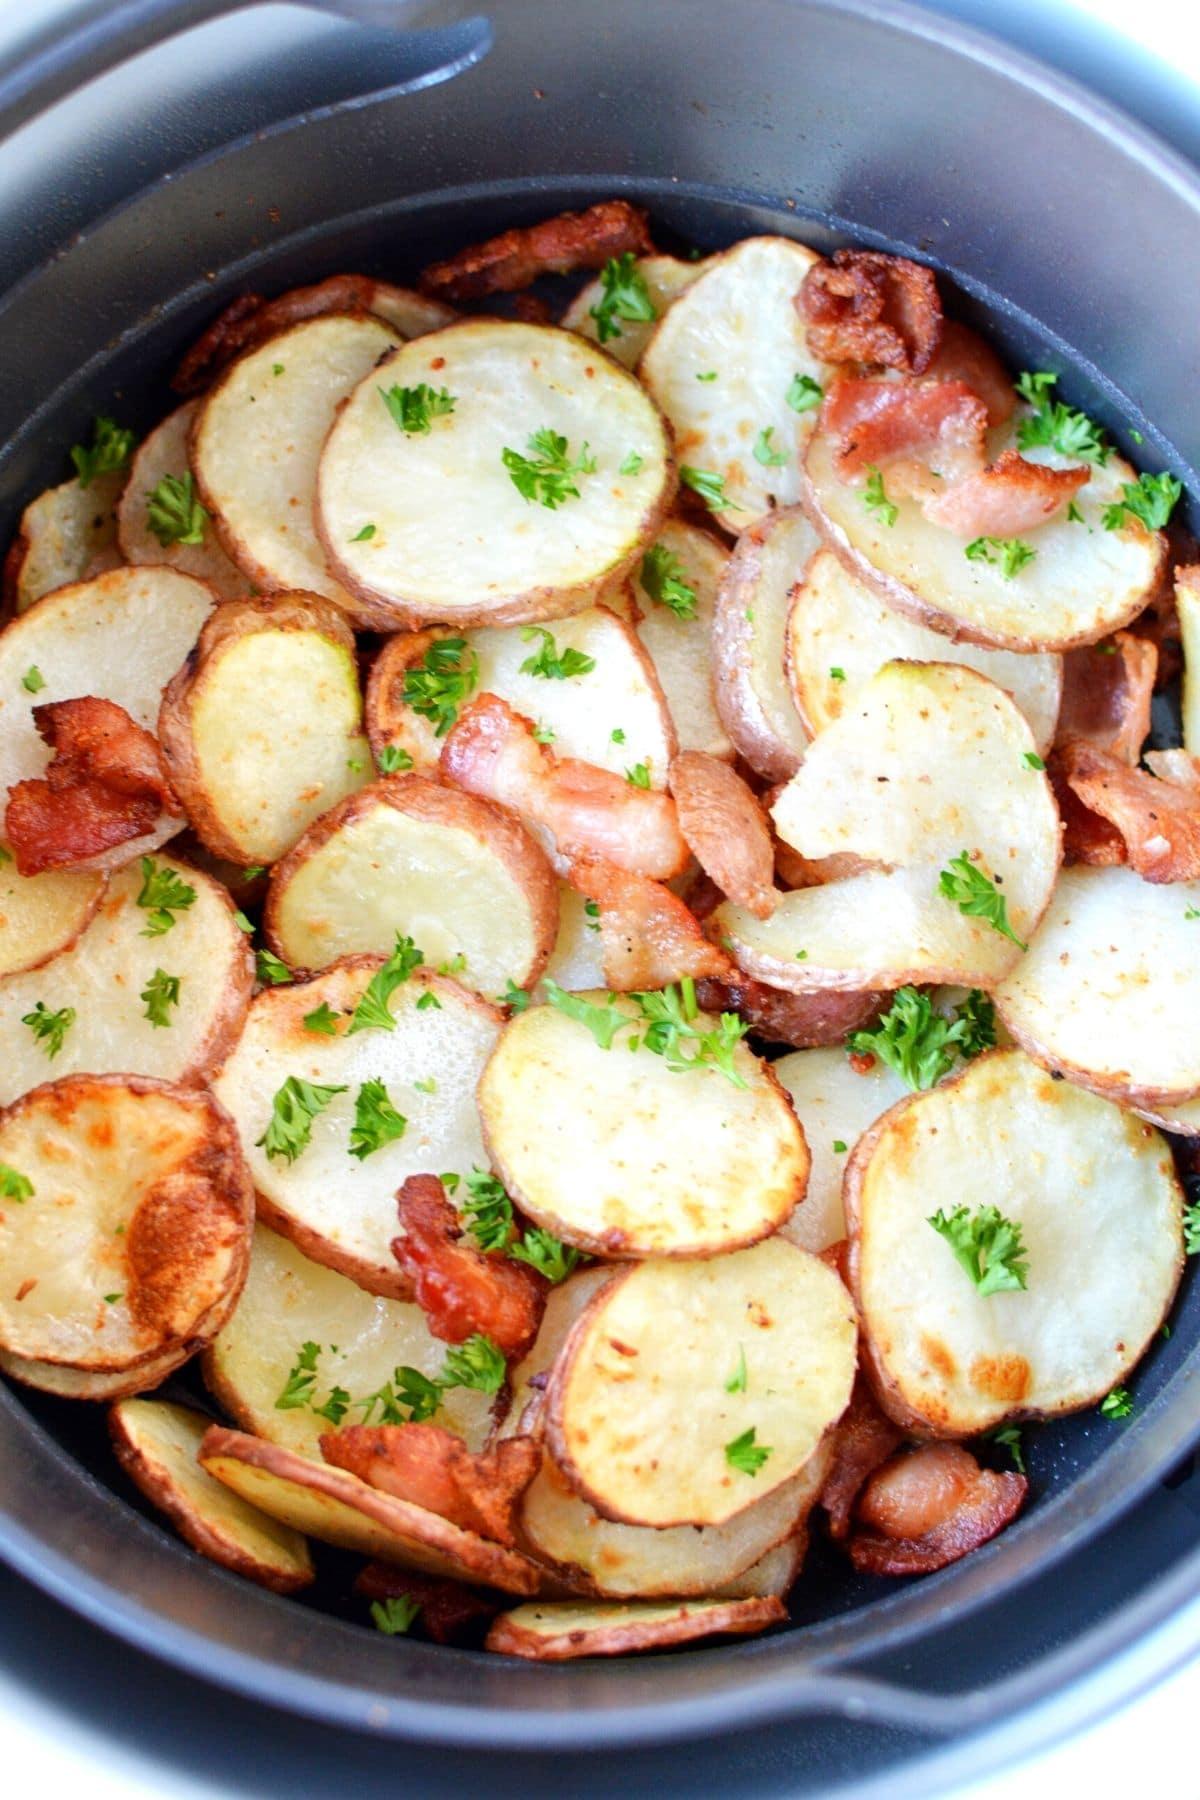 ninja foodi air crisp roasted potatoes in basket